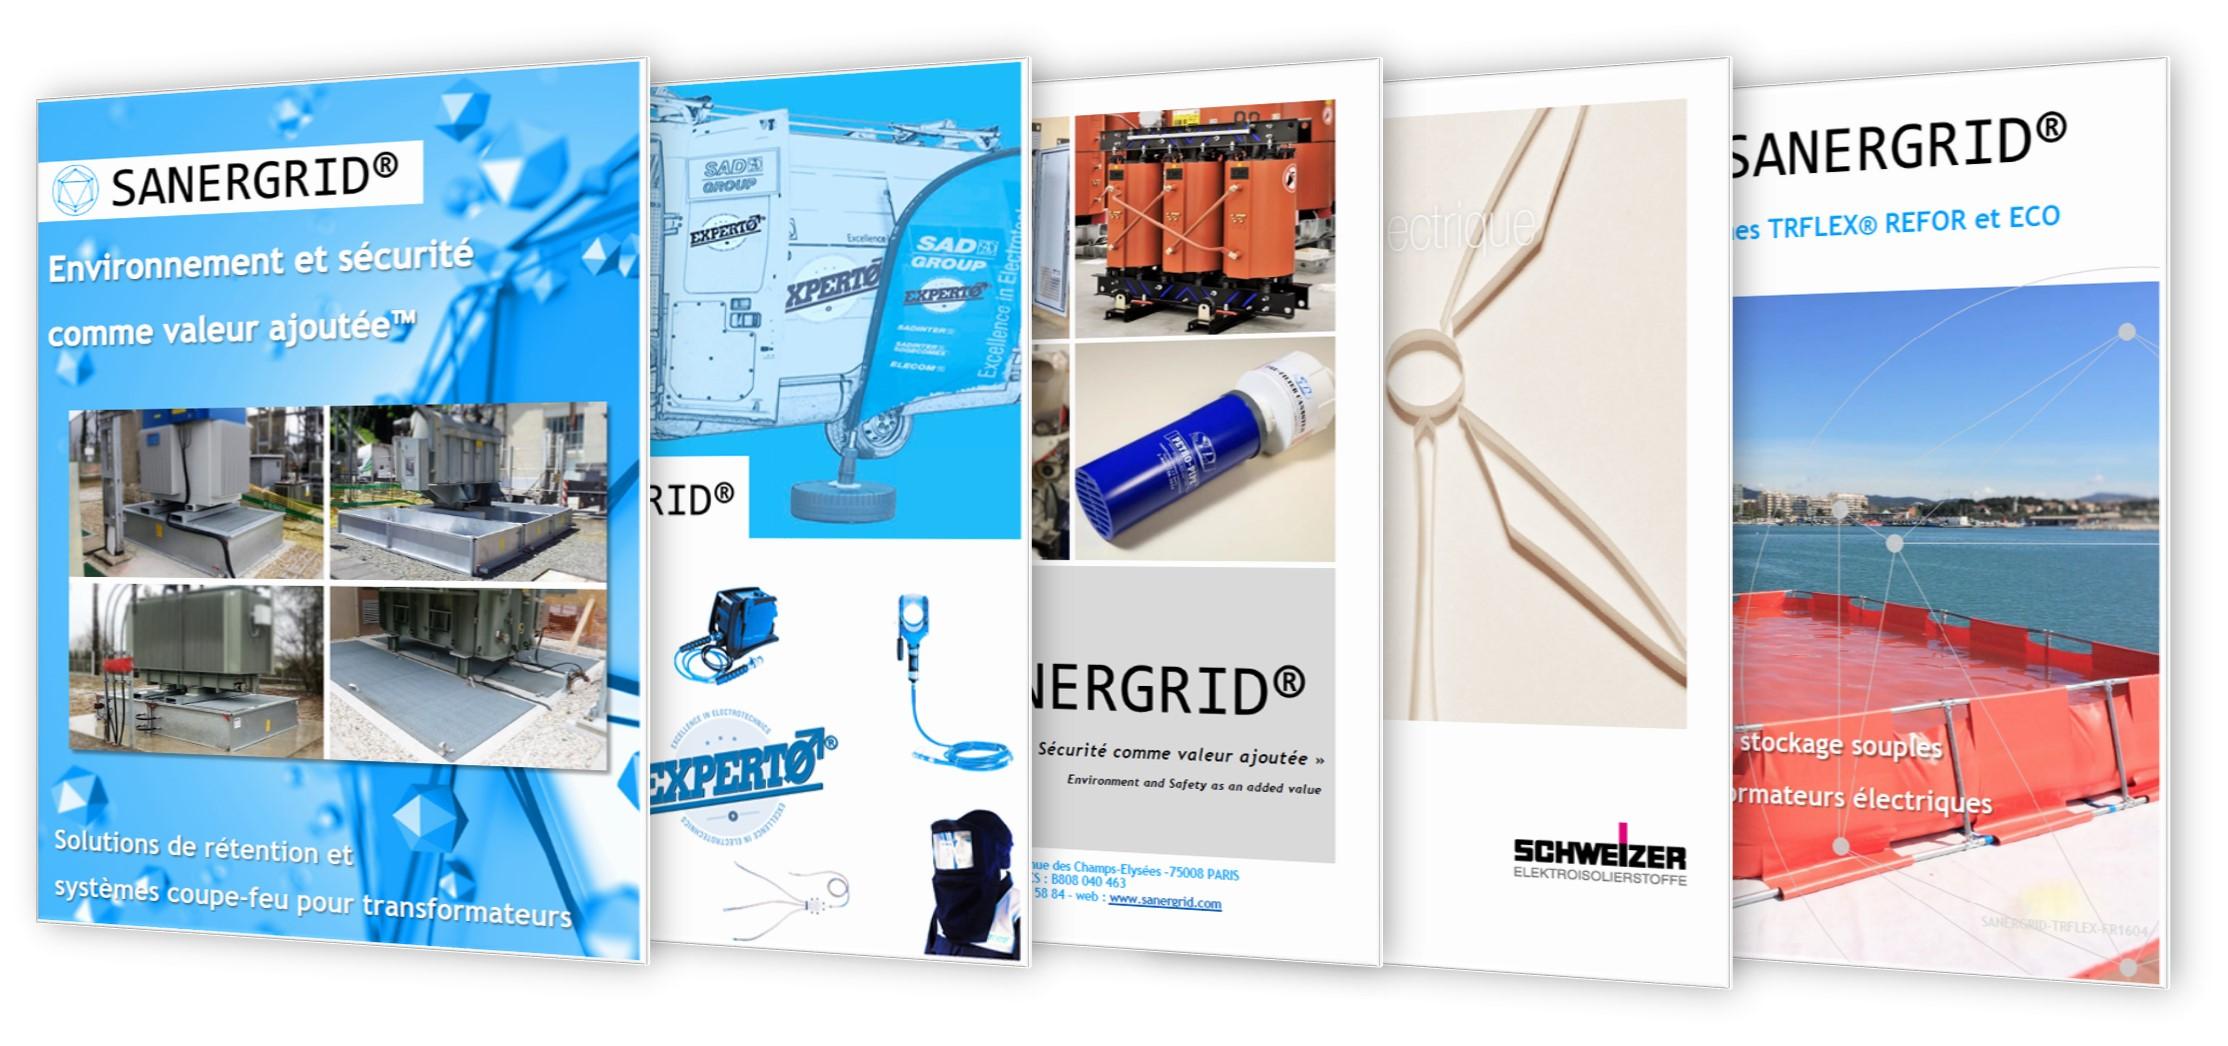 Descarga documentación SANERGRID cubetos filtros aceite transformadores herramientas eléctricas